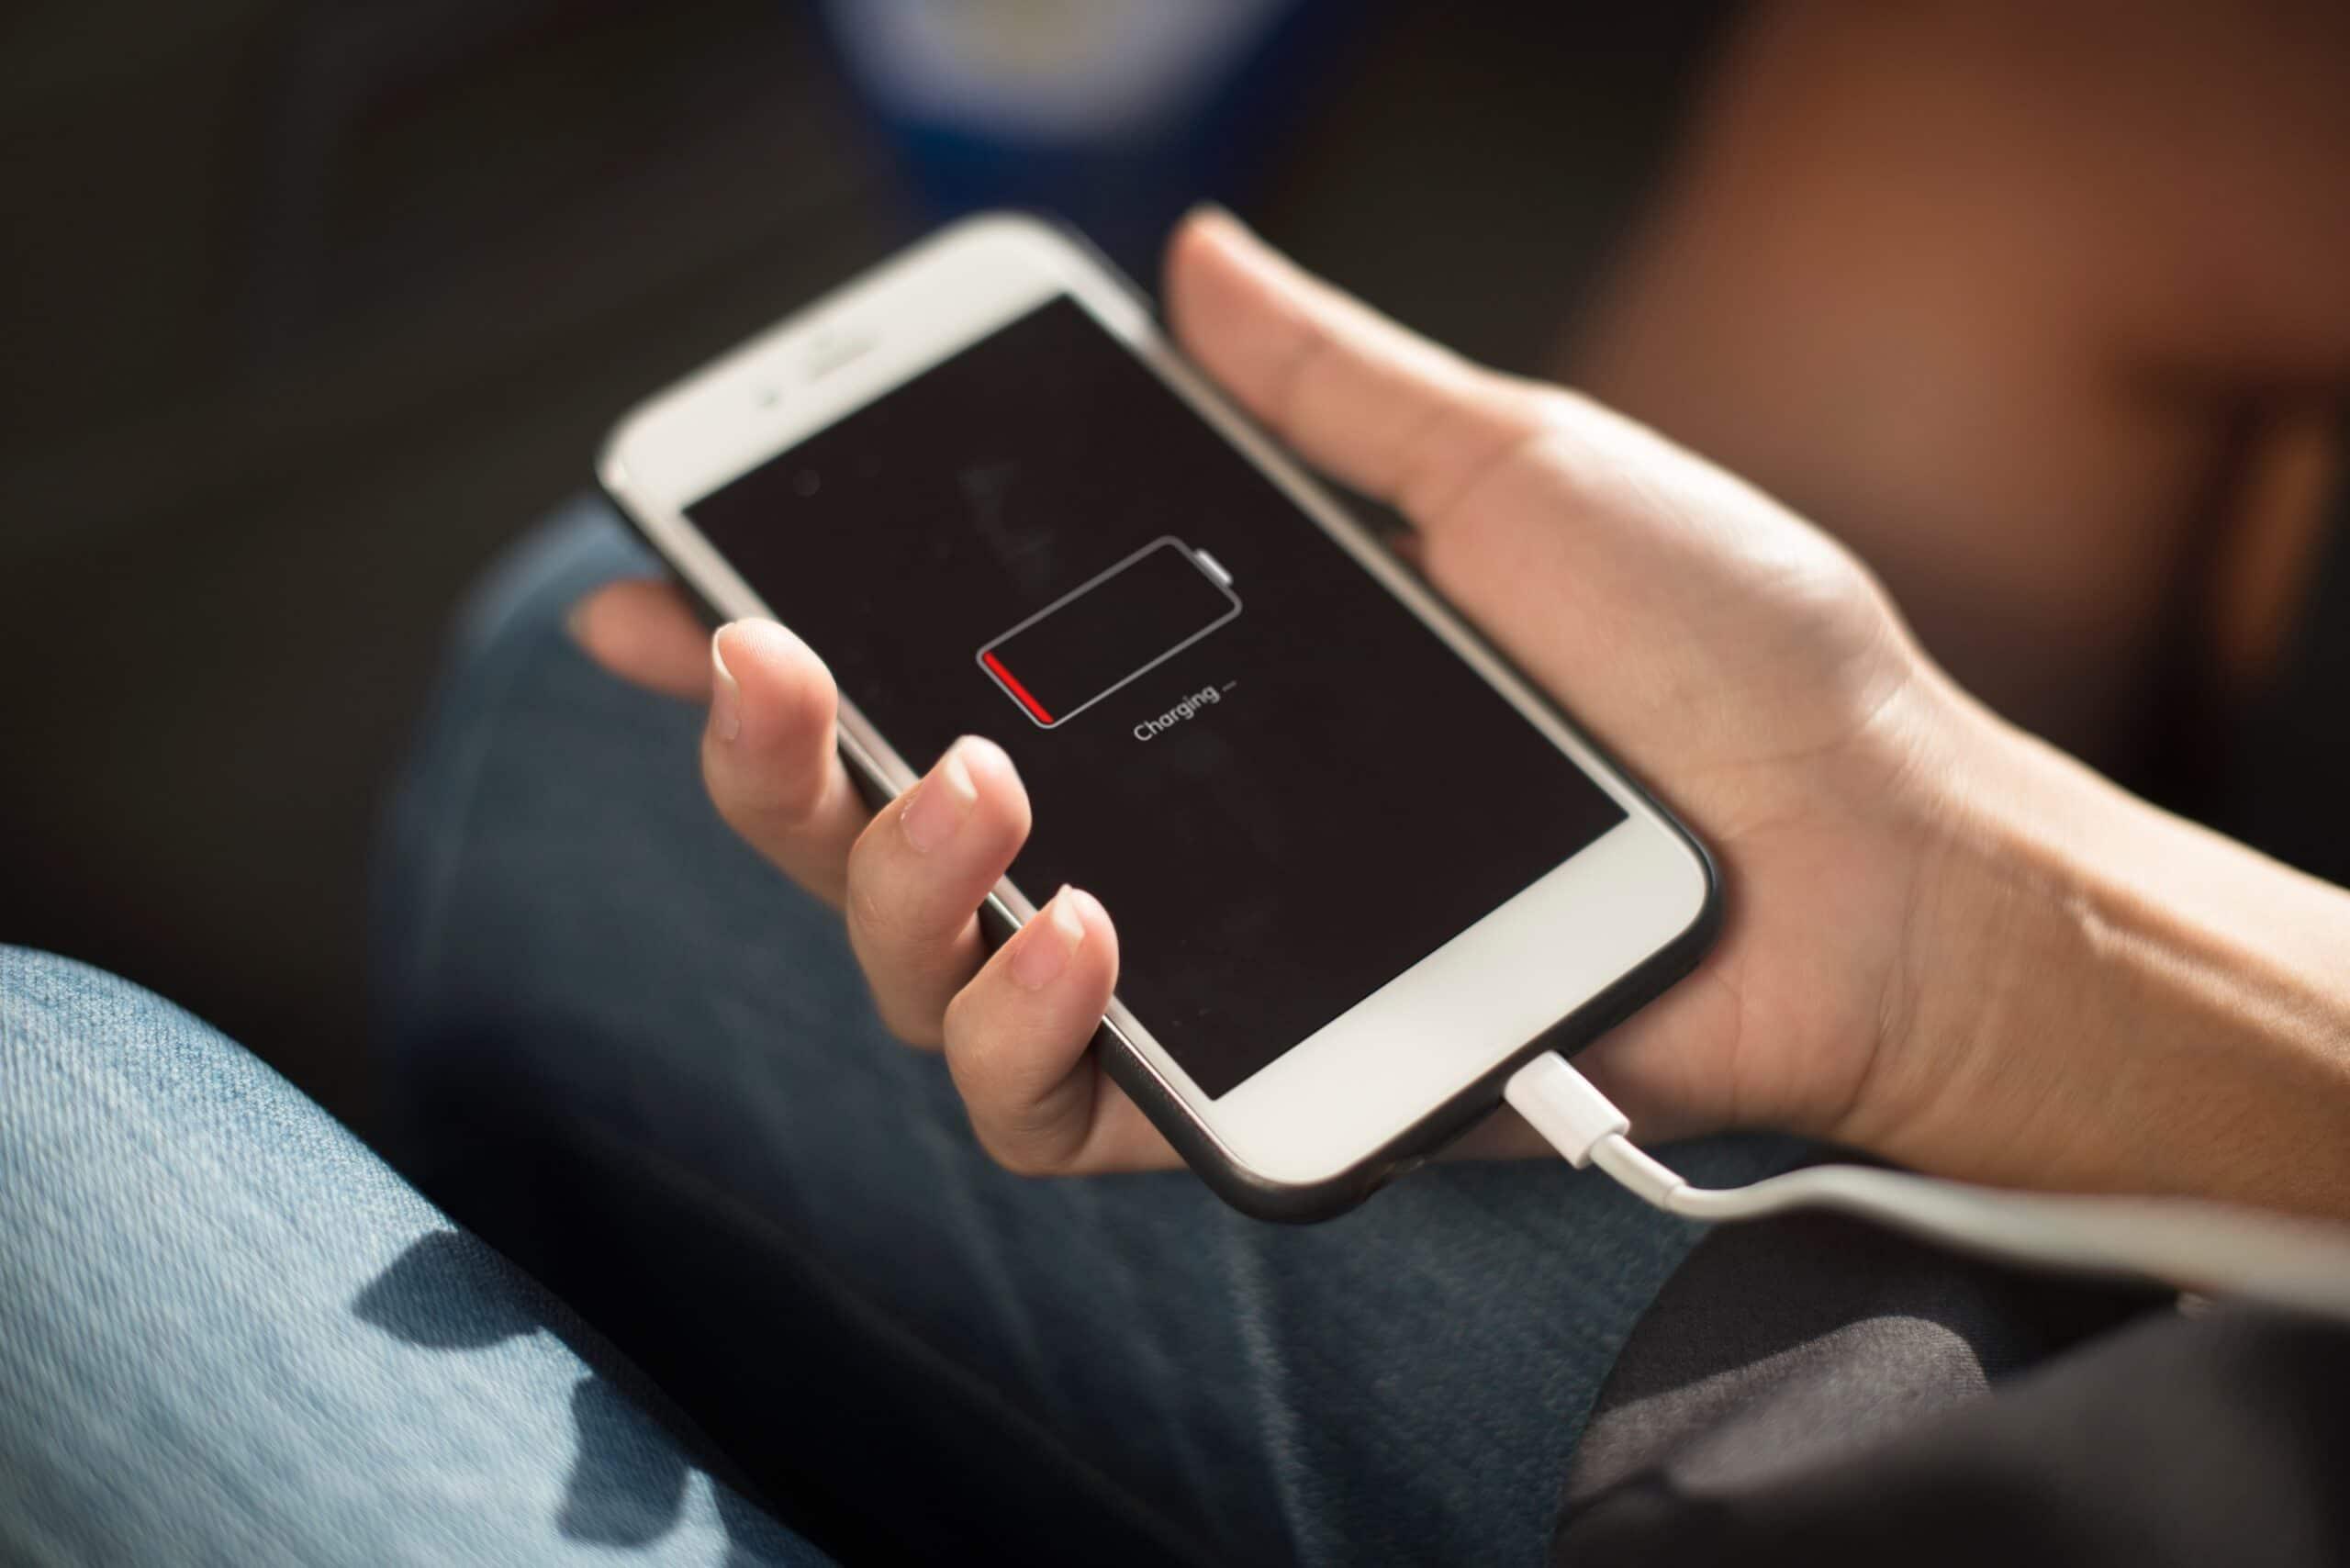 iPhone recarregando com a bateria fraca